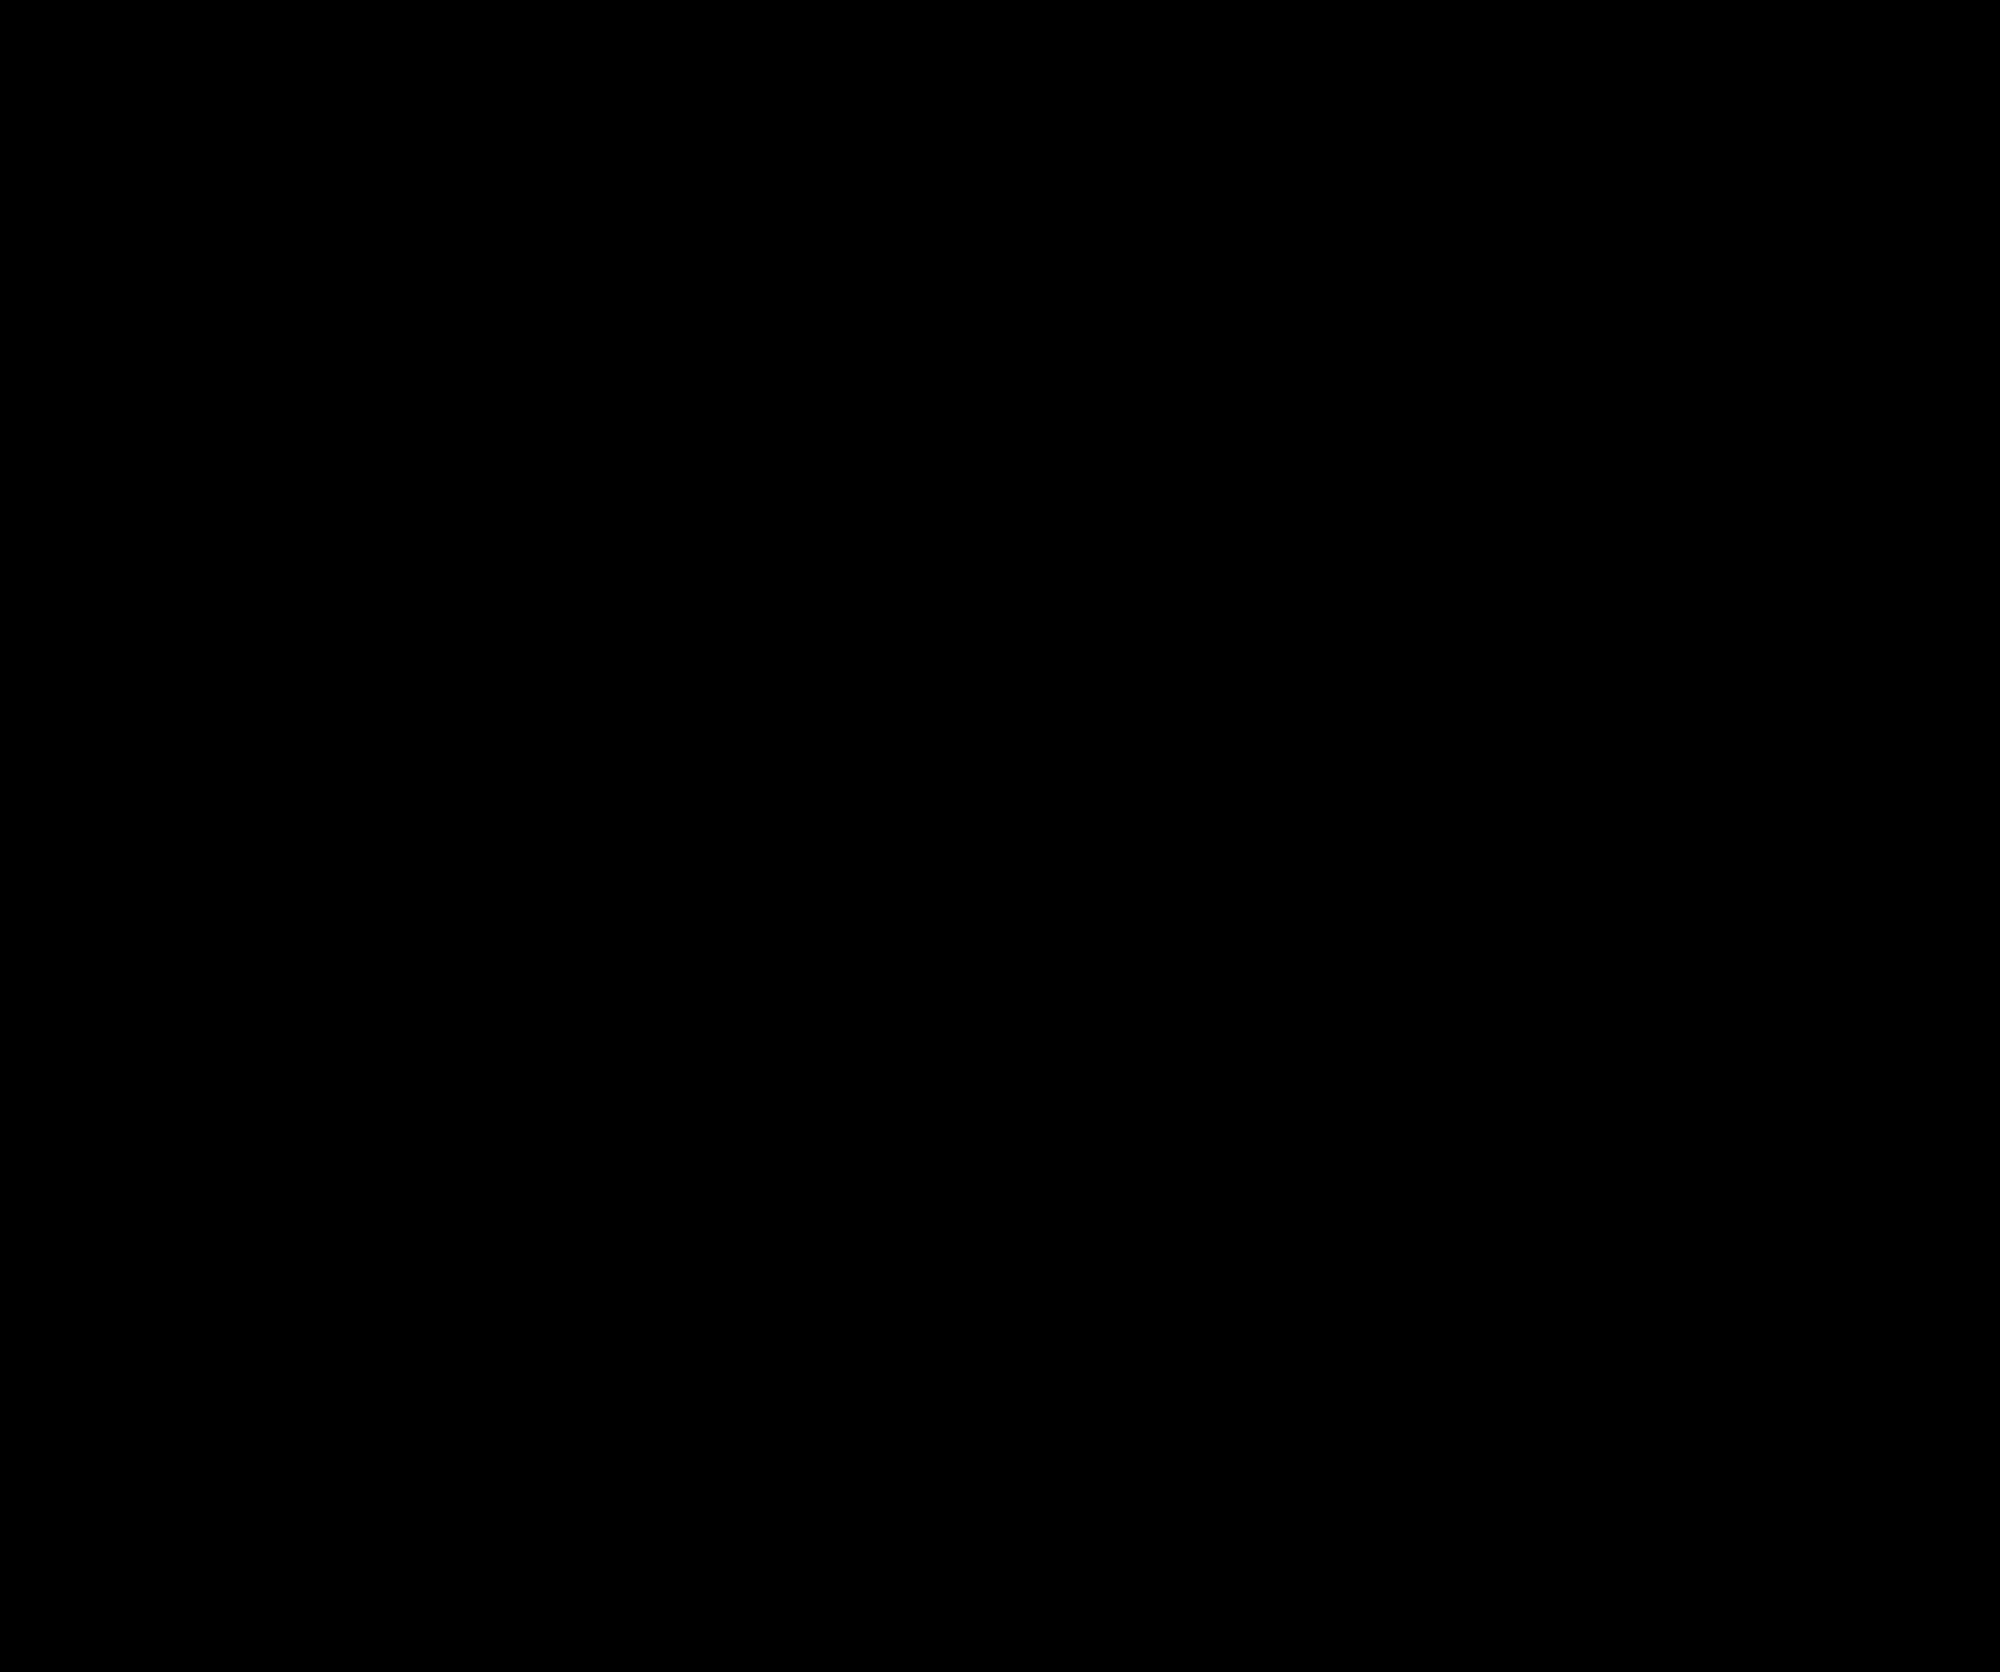 WILD-logo-black (1).png